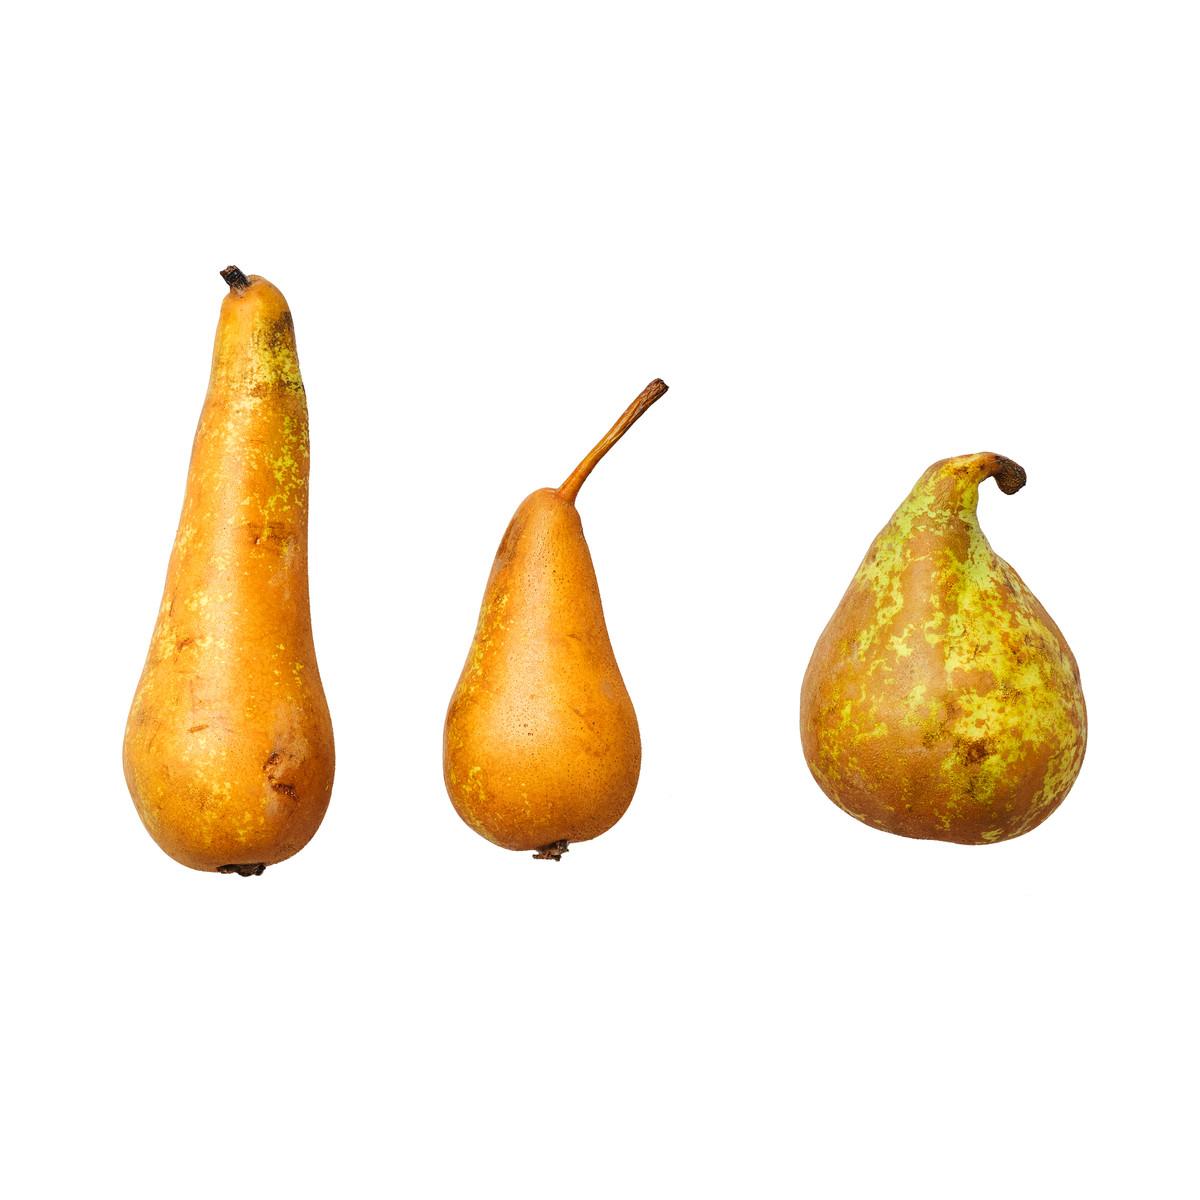 20200228_Gemüse:Obst_Freisteller_18.jpg